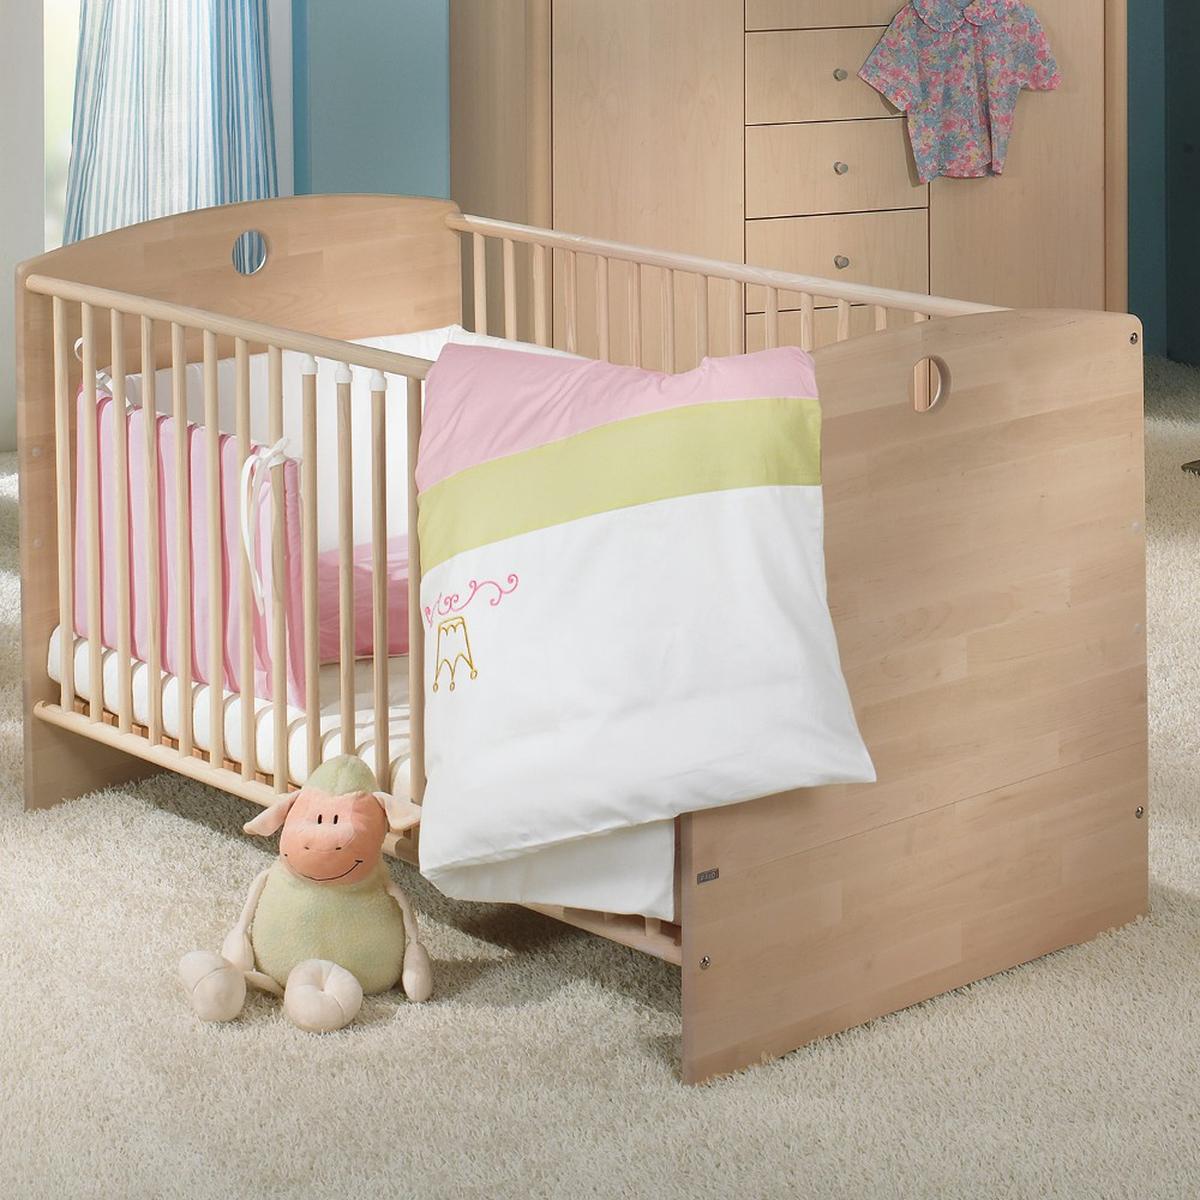 Full Size of Paidi Bett Babyartikel Erstausstattung Online Kaufen 190x90 Mit Bettkasten 160x200 Betten Test Leander Musterring 120x200 Günstige 180x200 Lattenrost Und Bett Paidi Bett